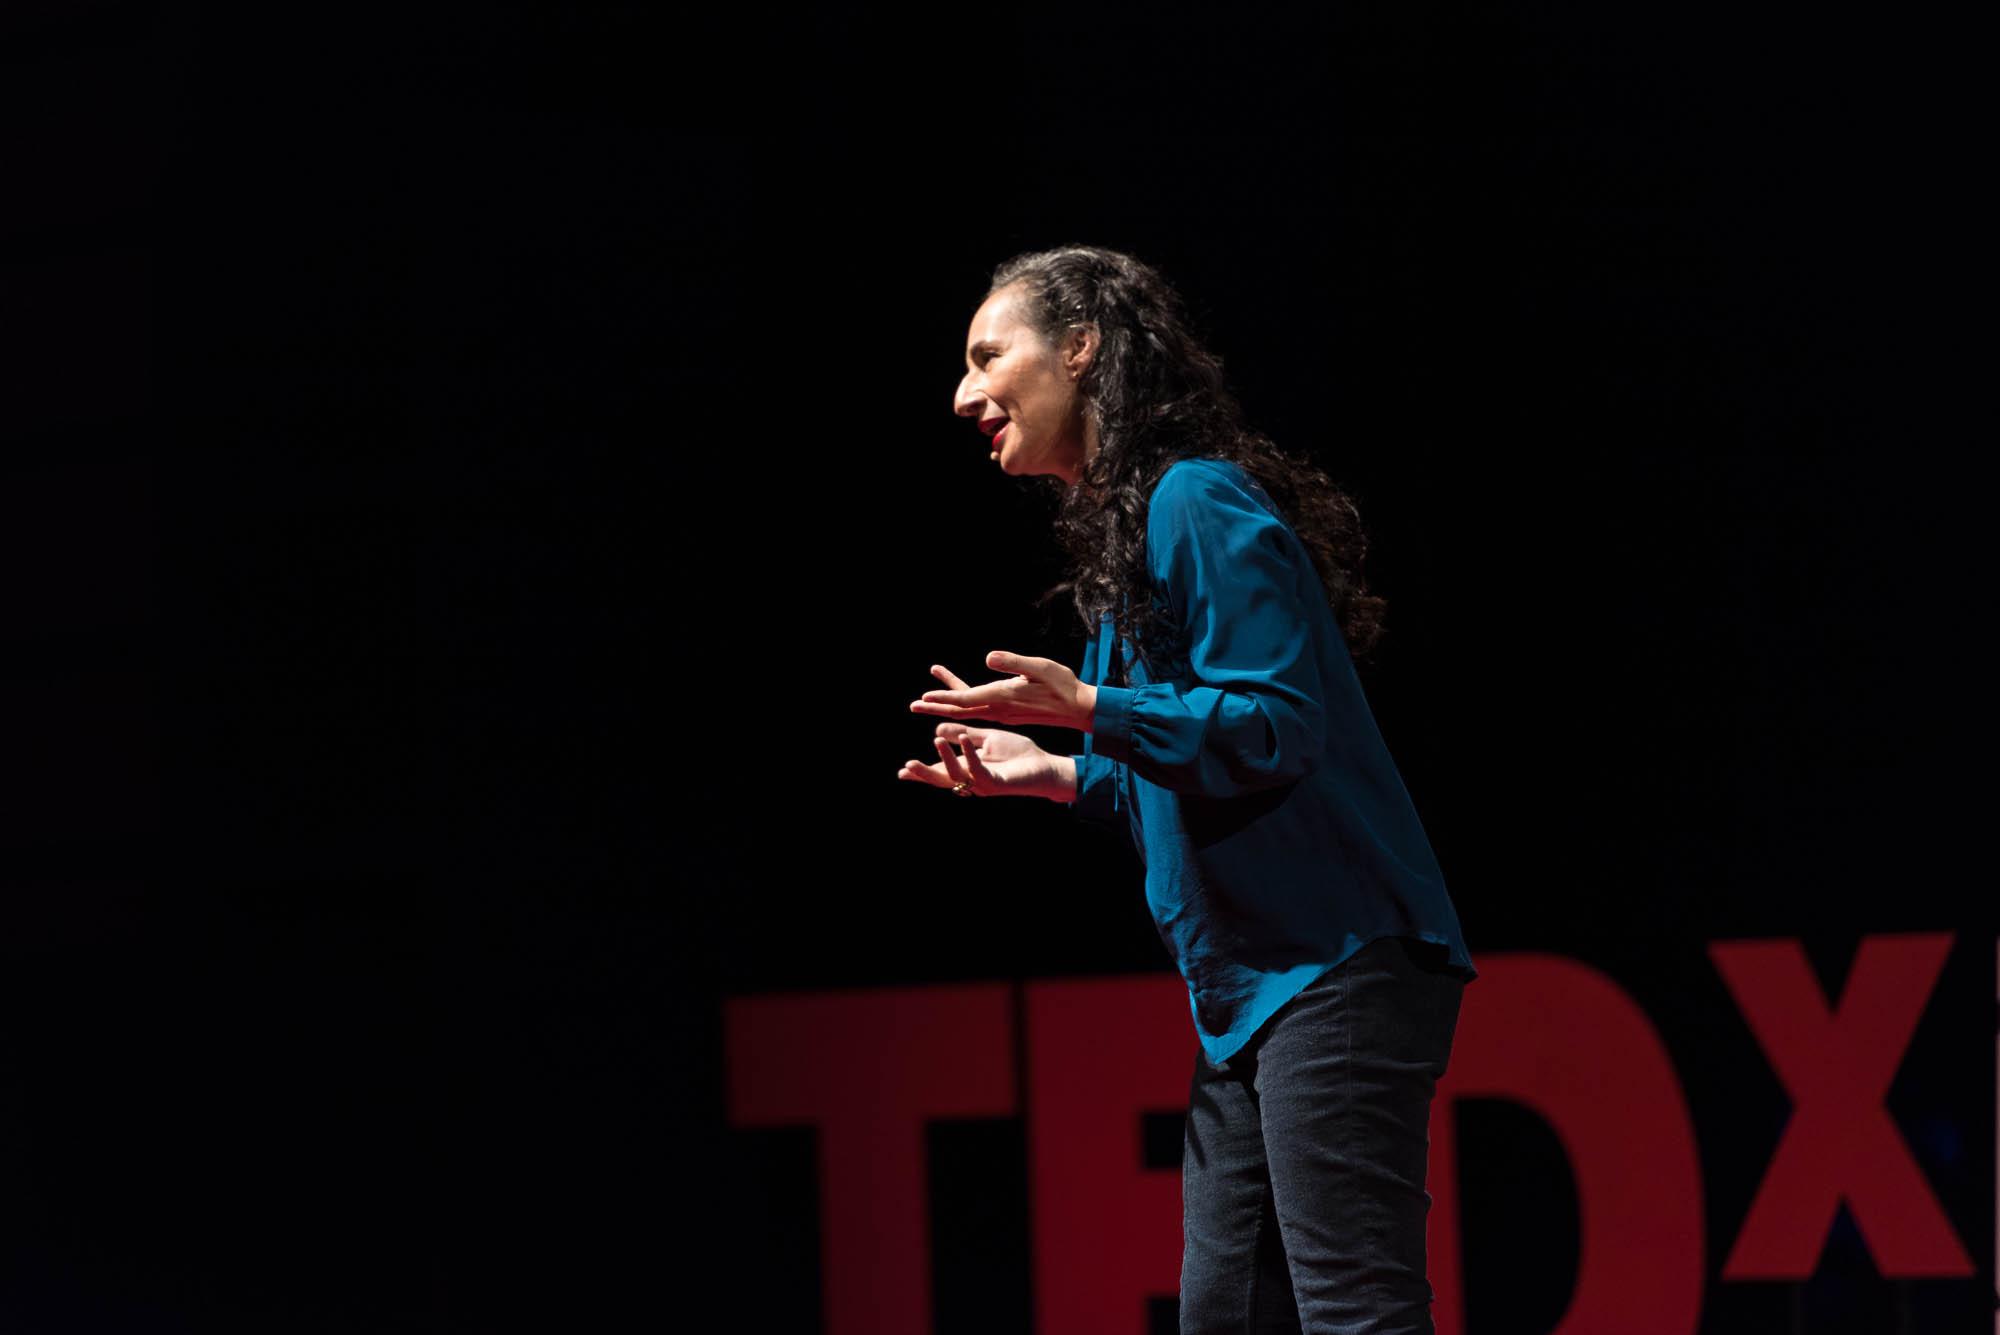 Ysanne Spevack TedxTalk